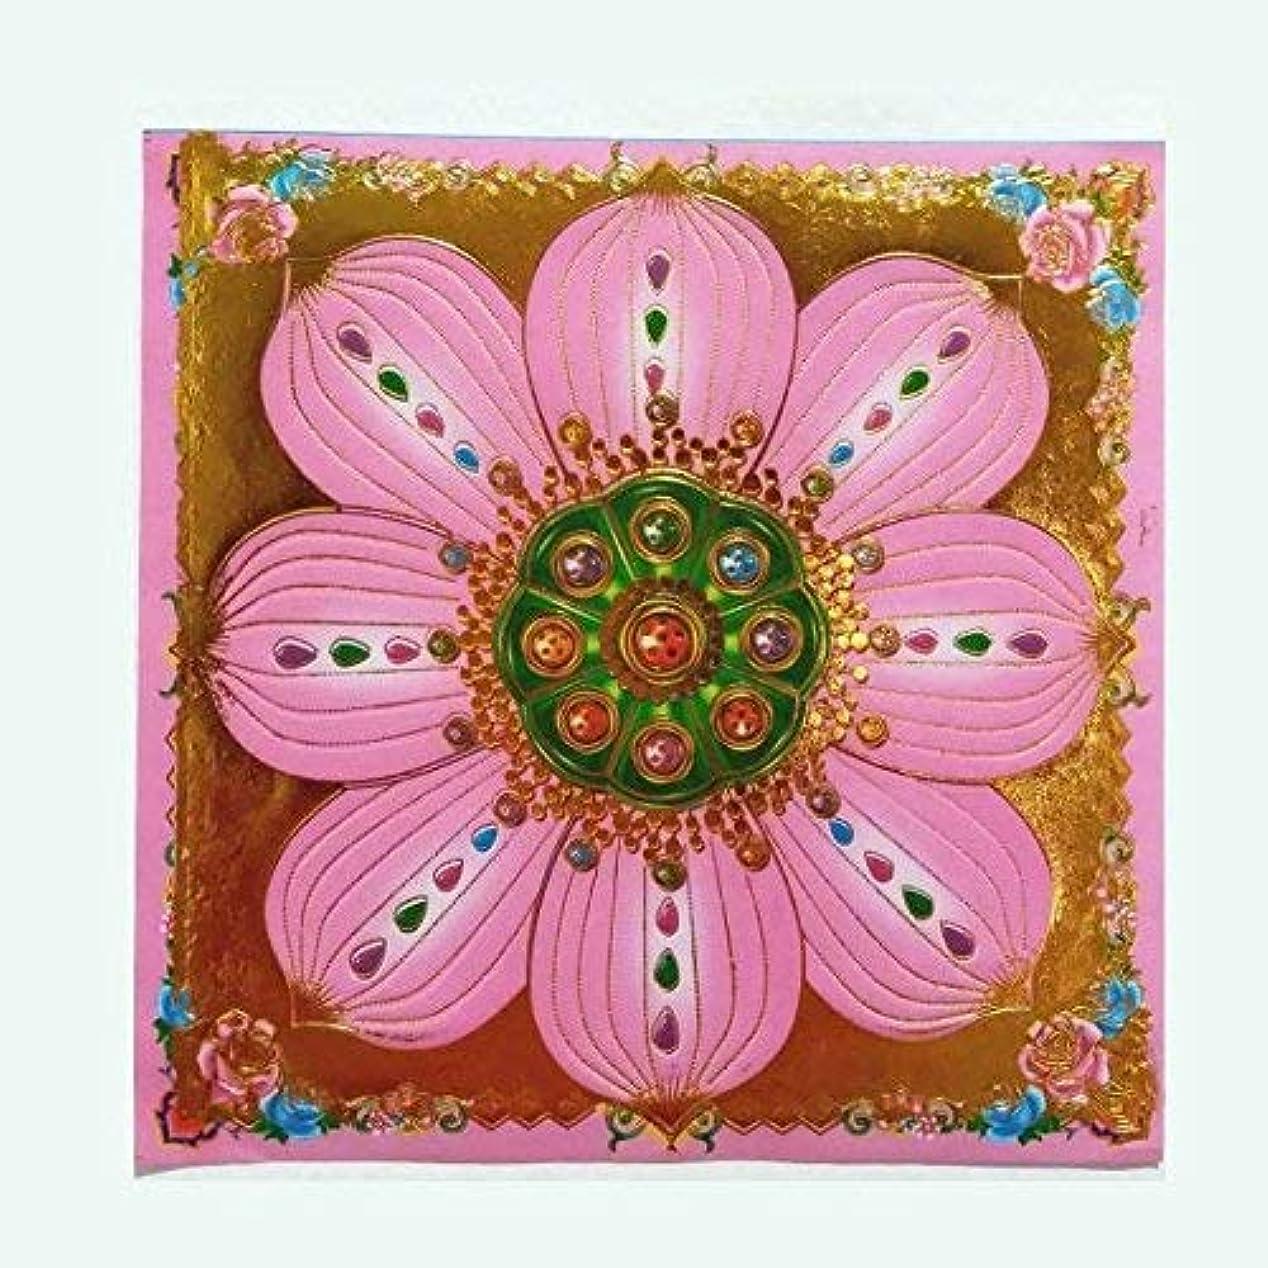 確立甲虫主張40pcs Incense用紙/ Joss用紙ハイグレードカラフルwithゴールドの箔Sサイズの祖先Praying 7.5インチx 7.5インチ(ピンク)